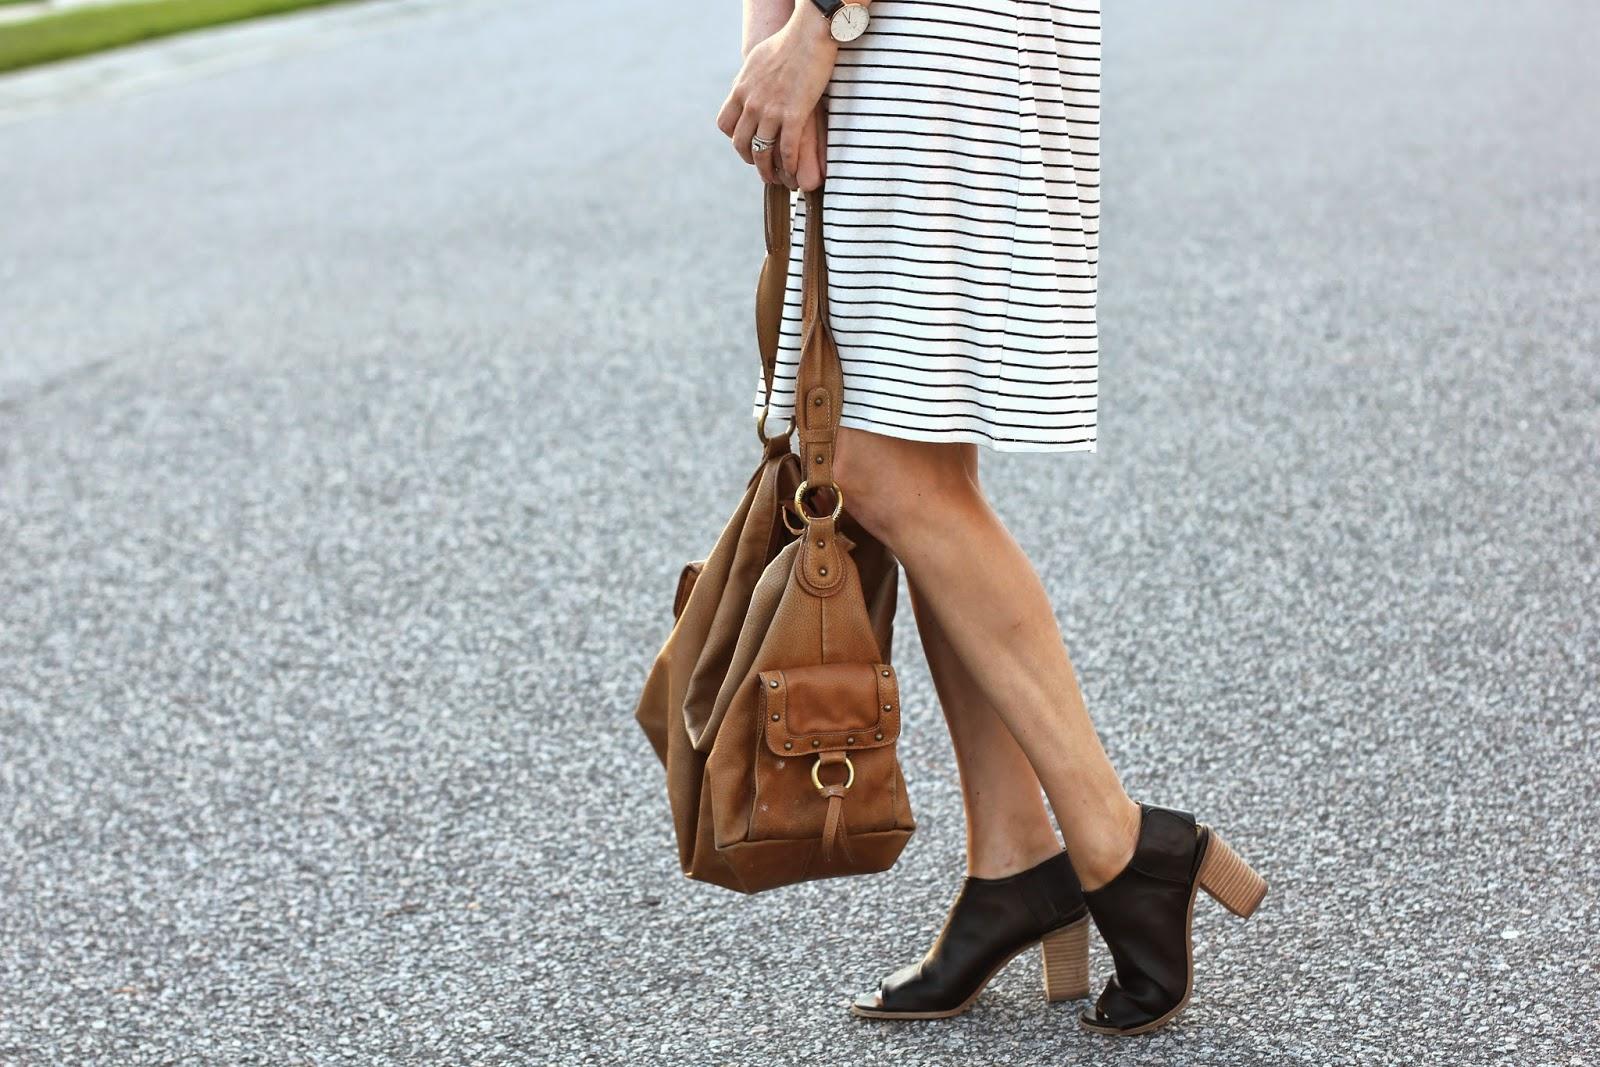 stripe dress + brown bag + daniel wellington watch + black open open toe mules // like the yogurt